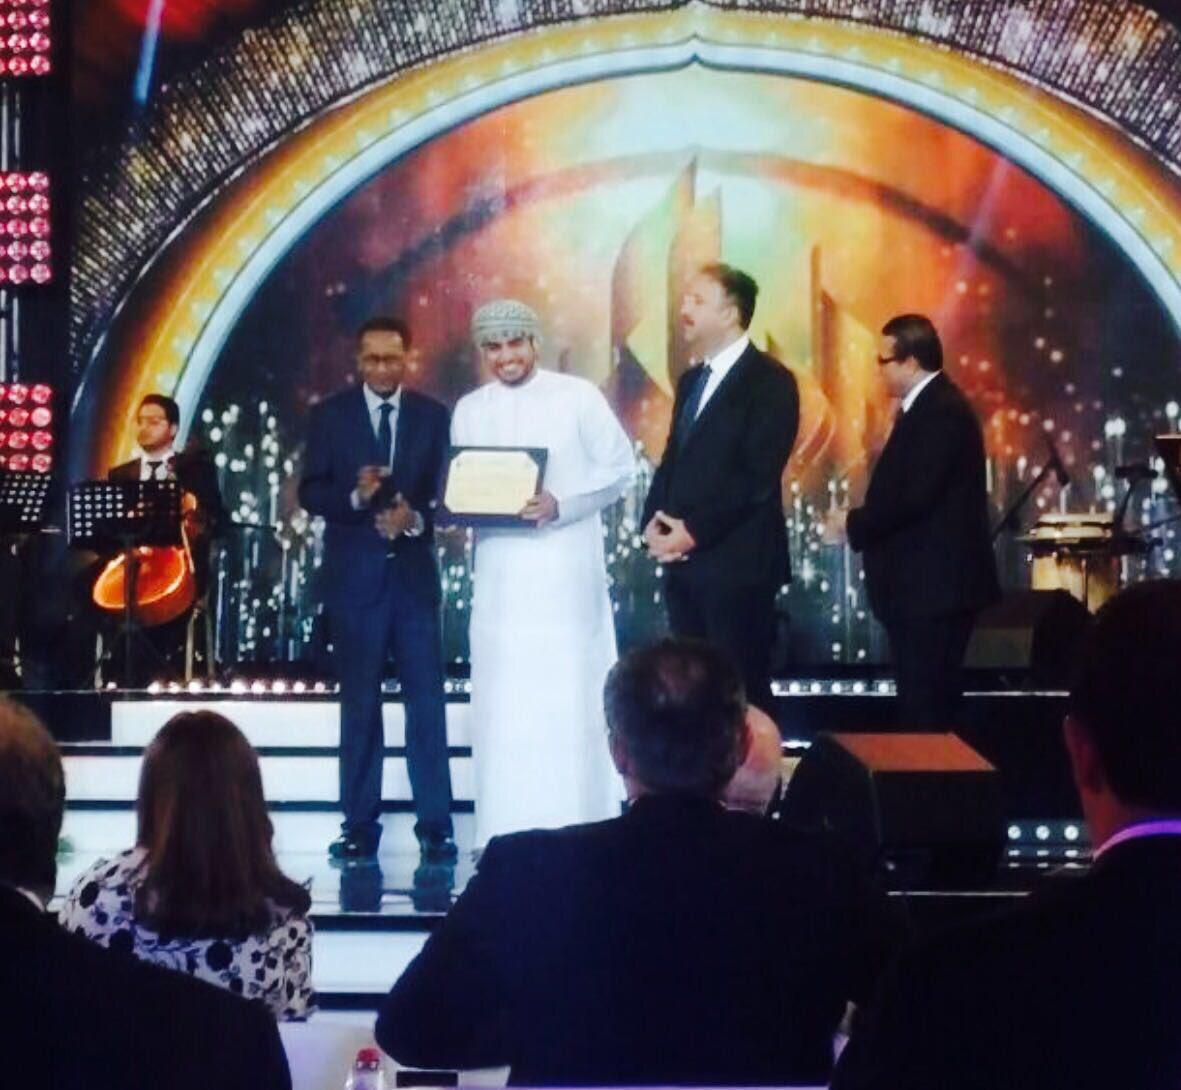 الهيئة العامة للإذاعة والتلفزيون تفوز بالجائزة التقديرية في المهرجان العربي بتونس